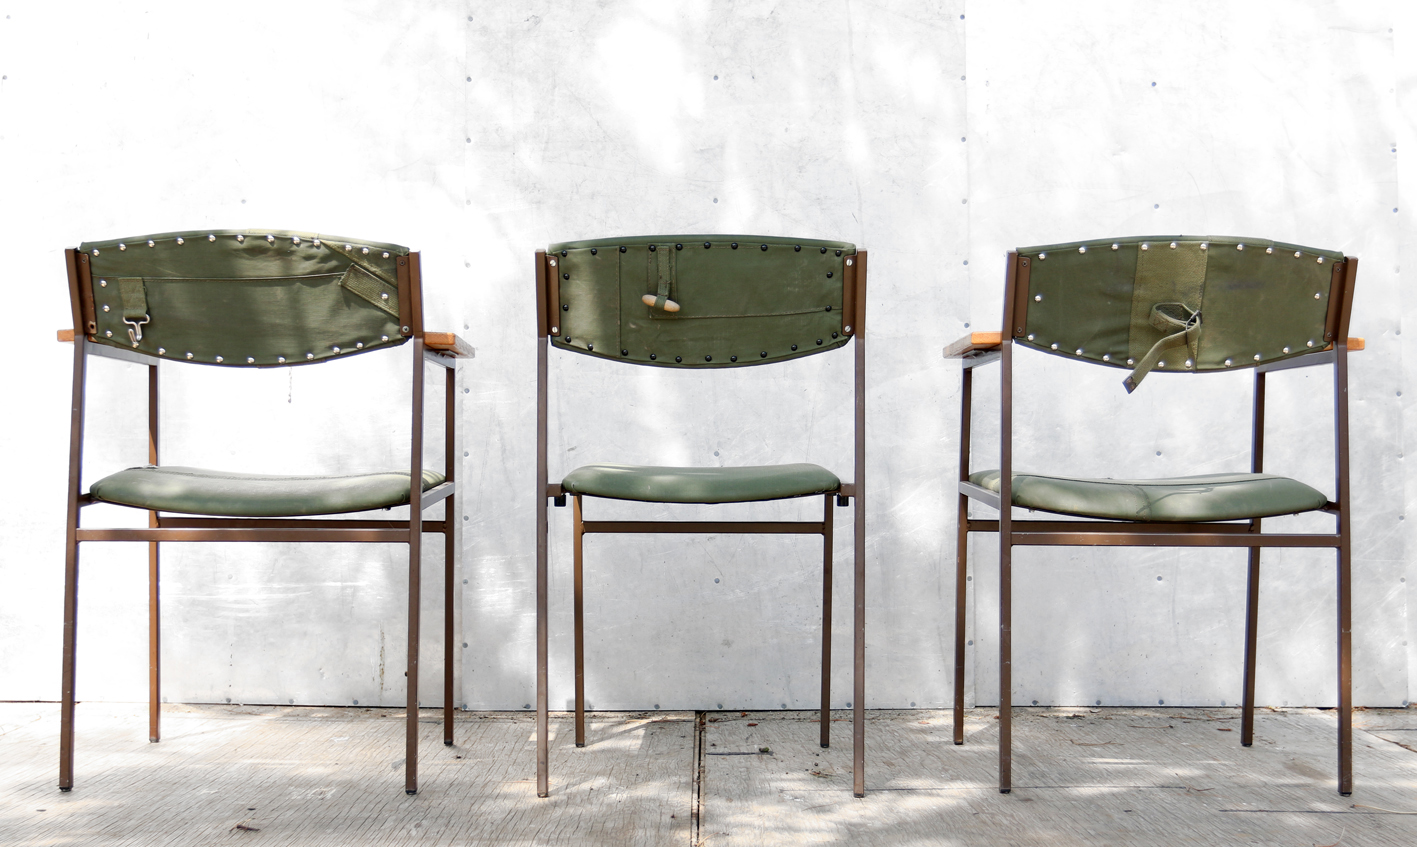 Stoer Industriele Eetkamerstoelen : Industrieel vintage stoere legertent army stoelen uniek u2013 dehuiszwaluw